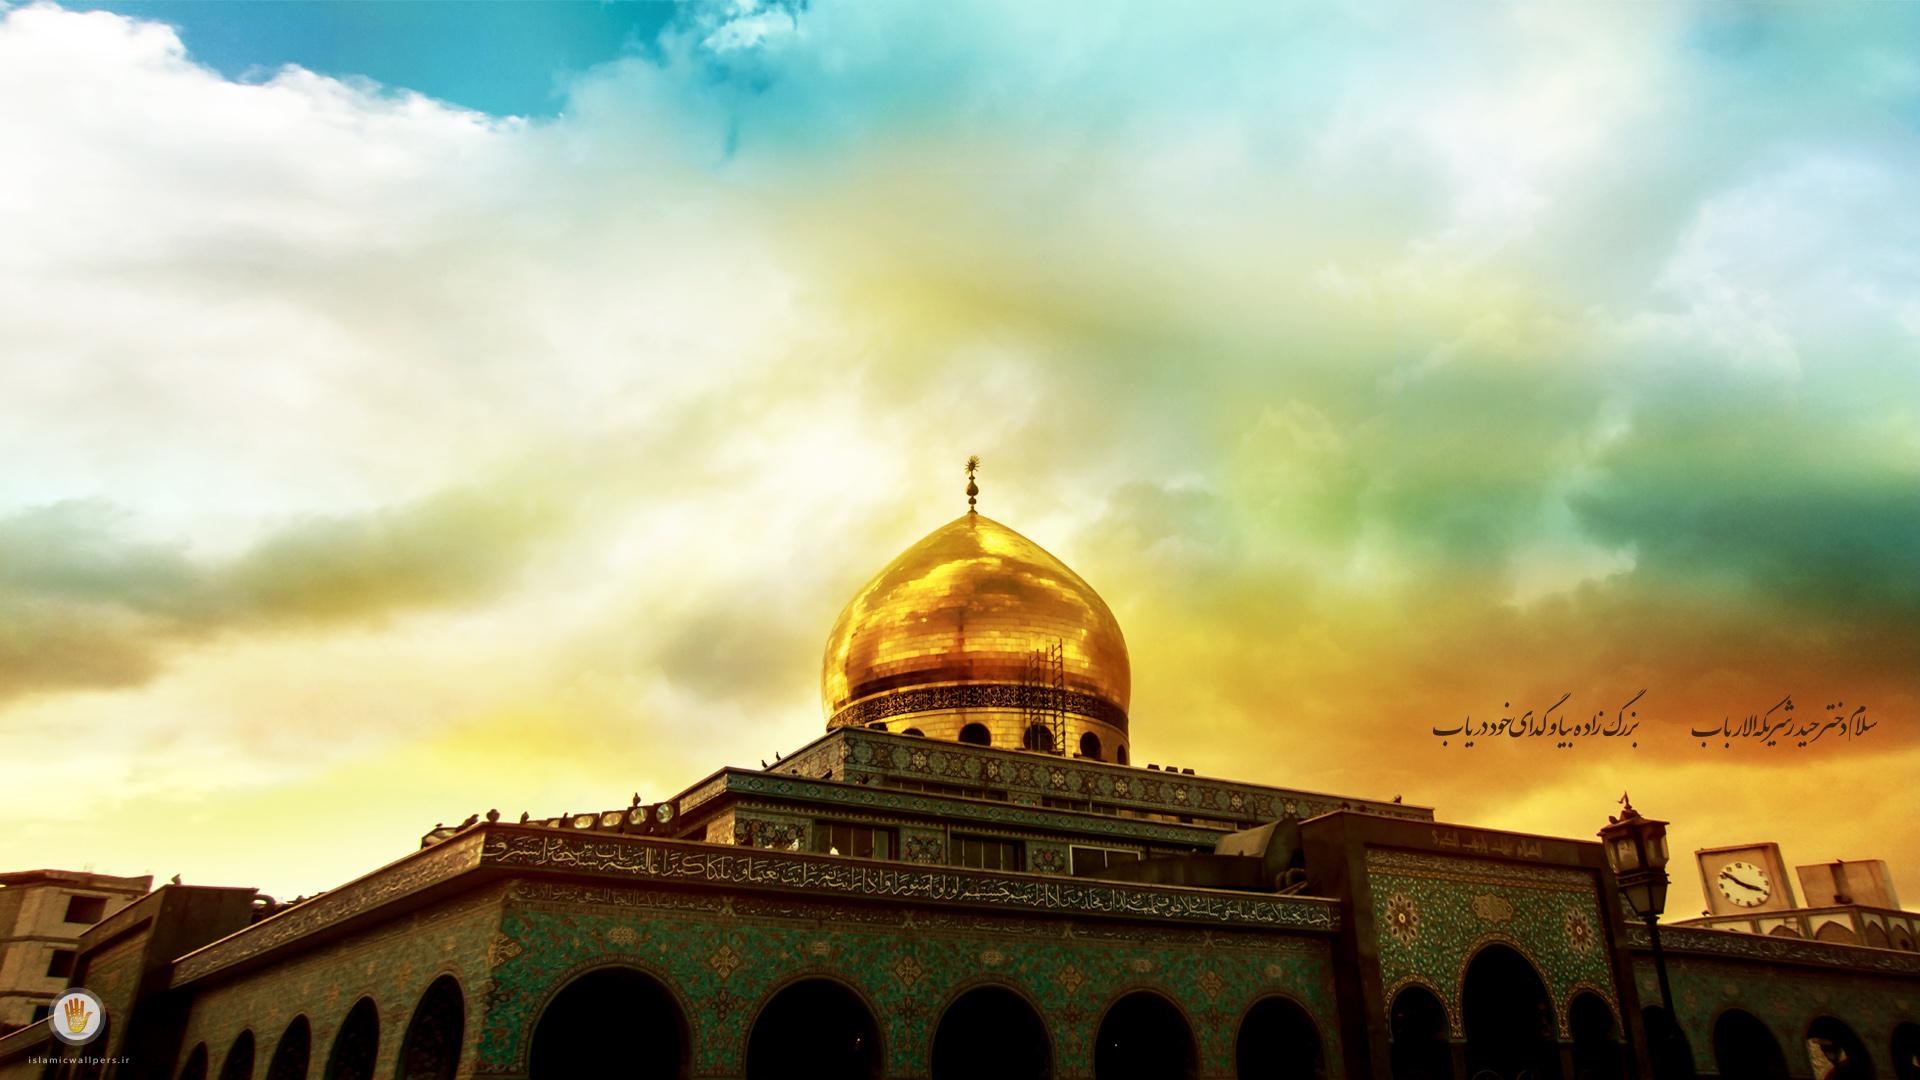 تصاویر زیبای مذهبی - تصویر زیبا از حرم حضرت زینب full hd - یاسین مدیاتصویر زیبا از حرم حضرت زینب full hd